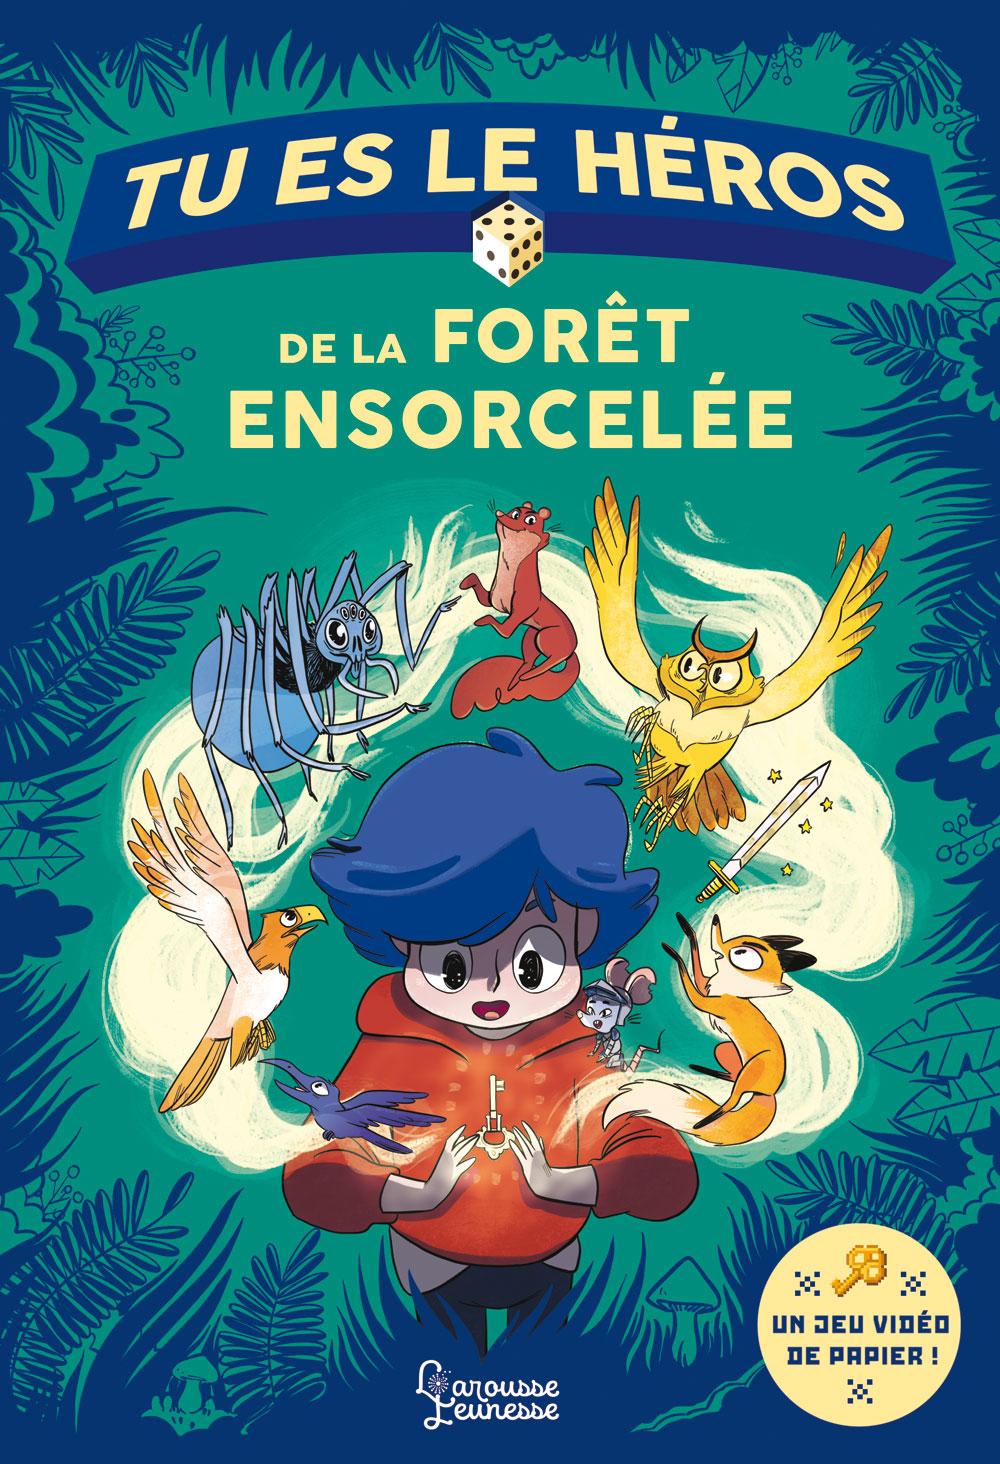 Tu es le héros de la forêt ensorcelée CV_La_foret_ensorcelee_1_2019_06_28